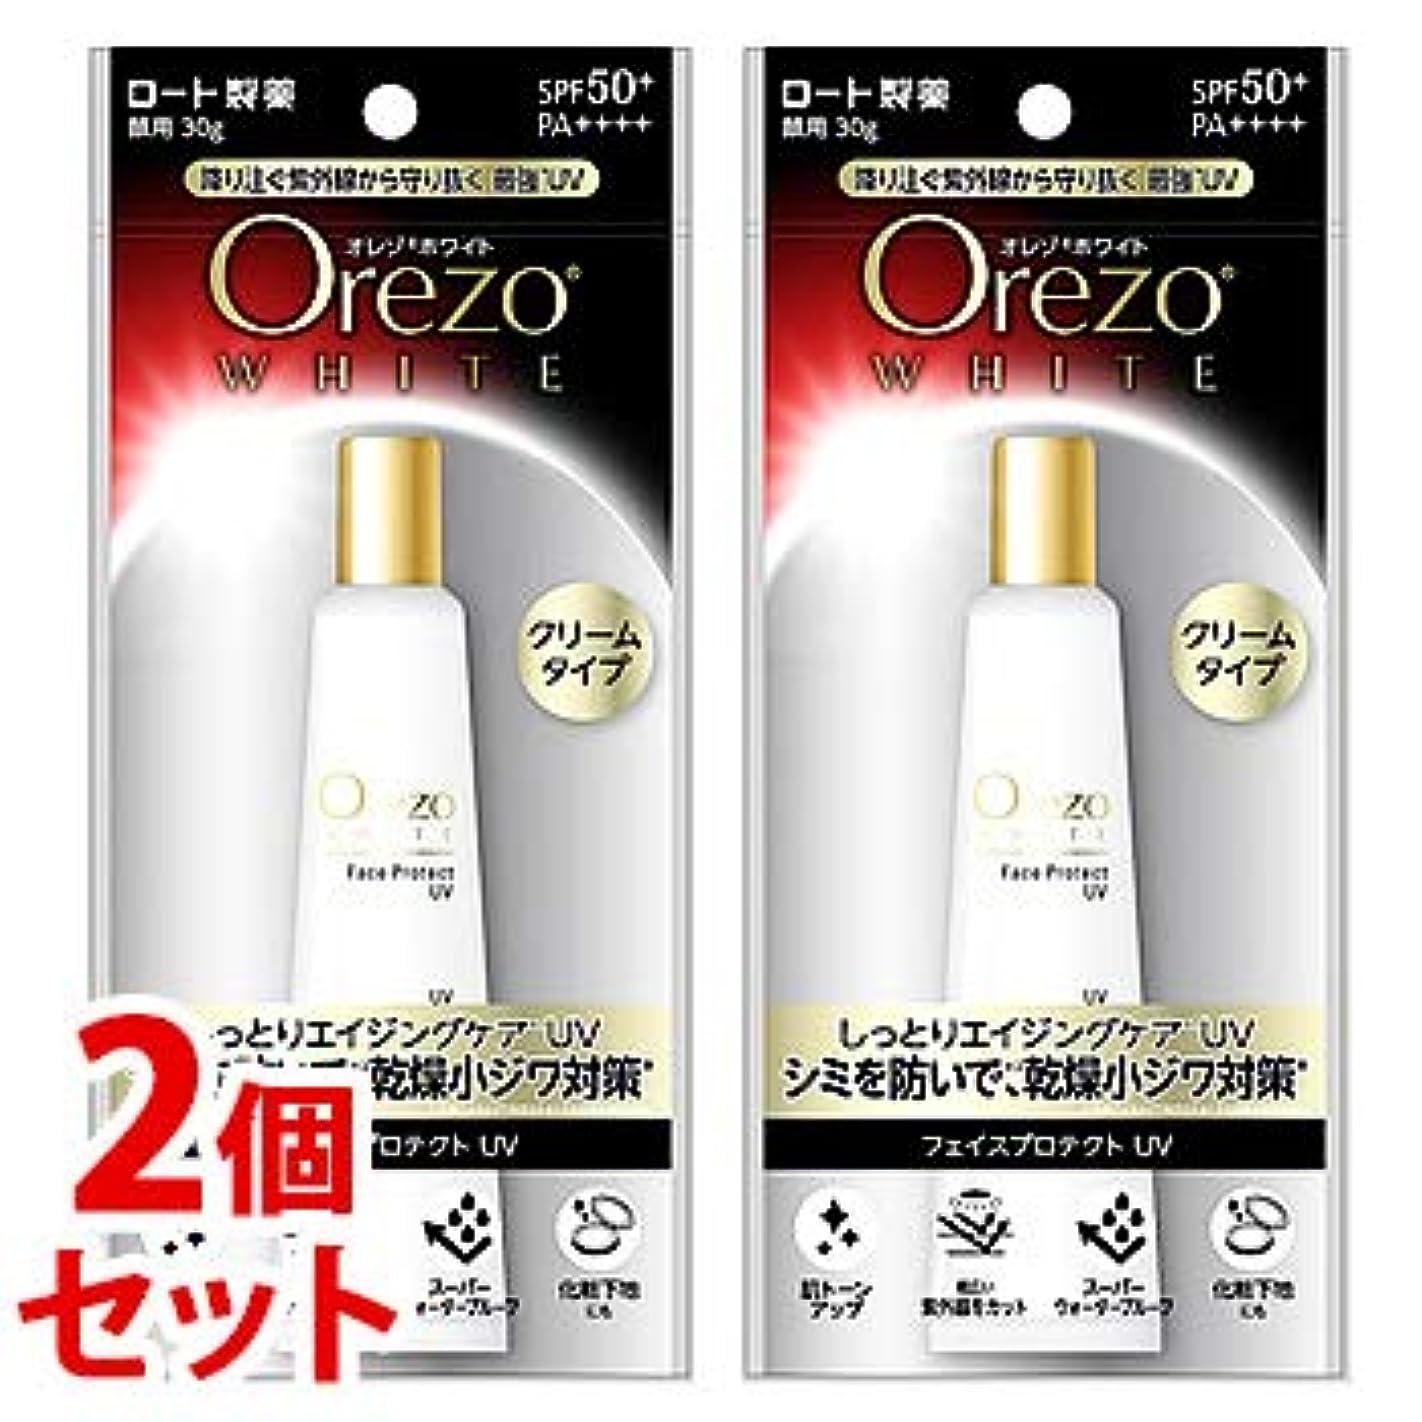 カリング補助足音《セット販売》 ロート製薬 Orezo オレゾ ホワイト フェイスプロテクトUV SPF50+ PA++++ (30g)×2個セット 顔用 日やけ止め 化粧下地 クリームタイプ